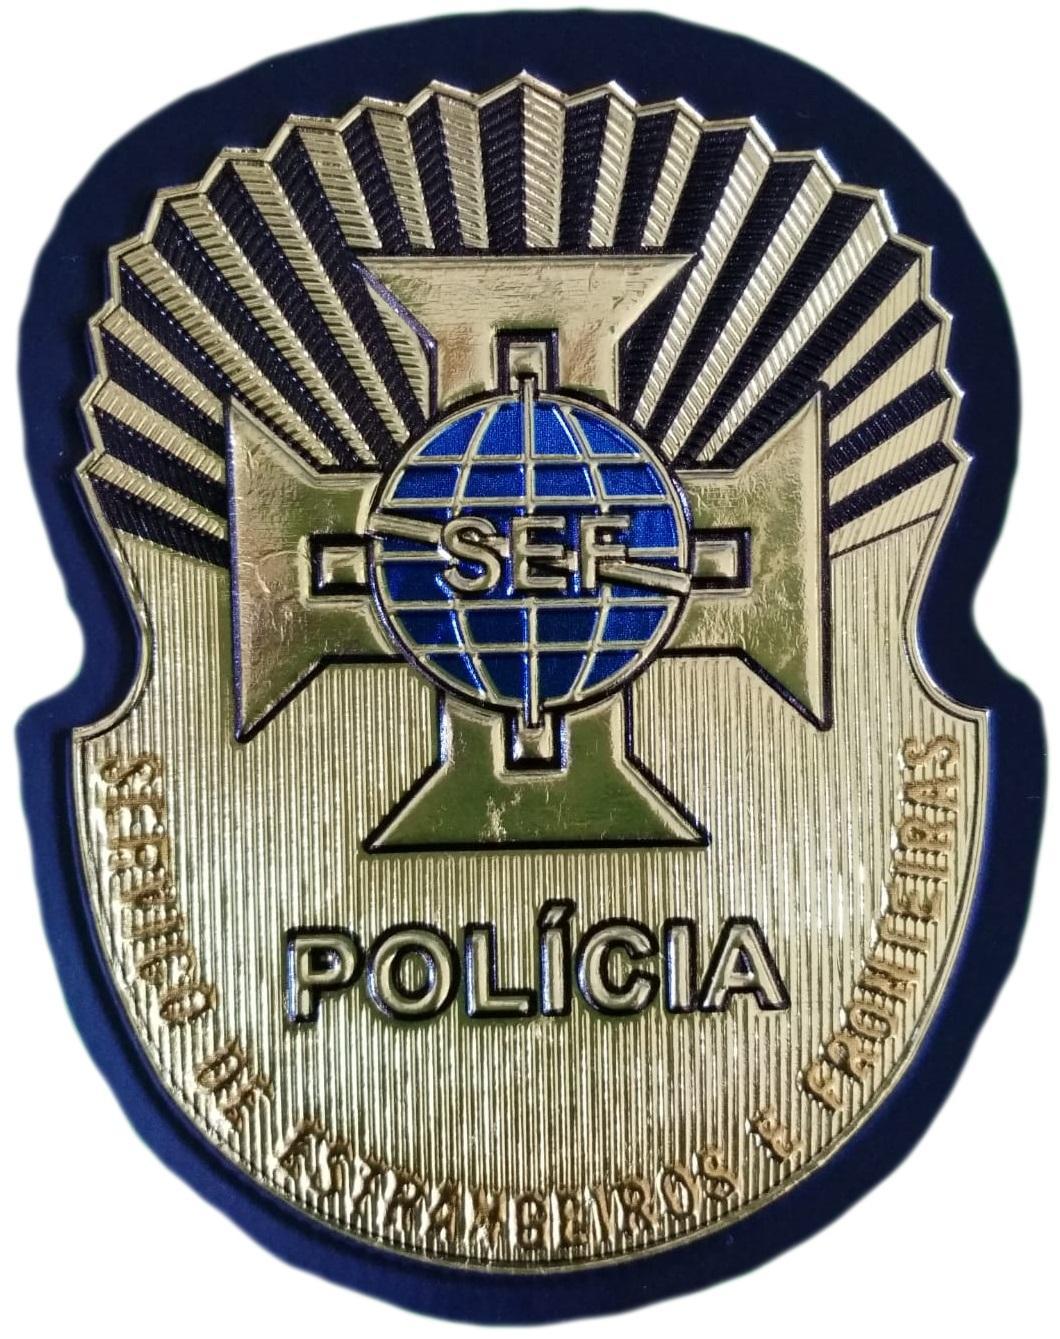 PARCHE POLICÍA DE PORTUGAL SERVICIO DE EXTRANJEROS Y FRONTERAS